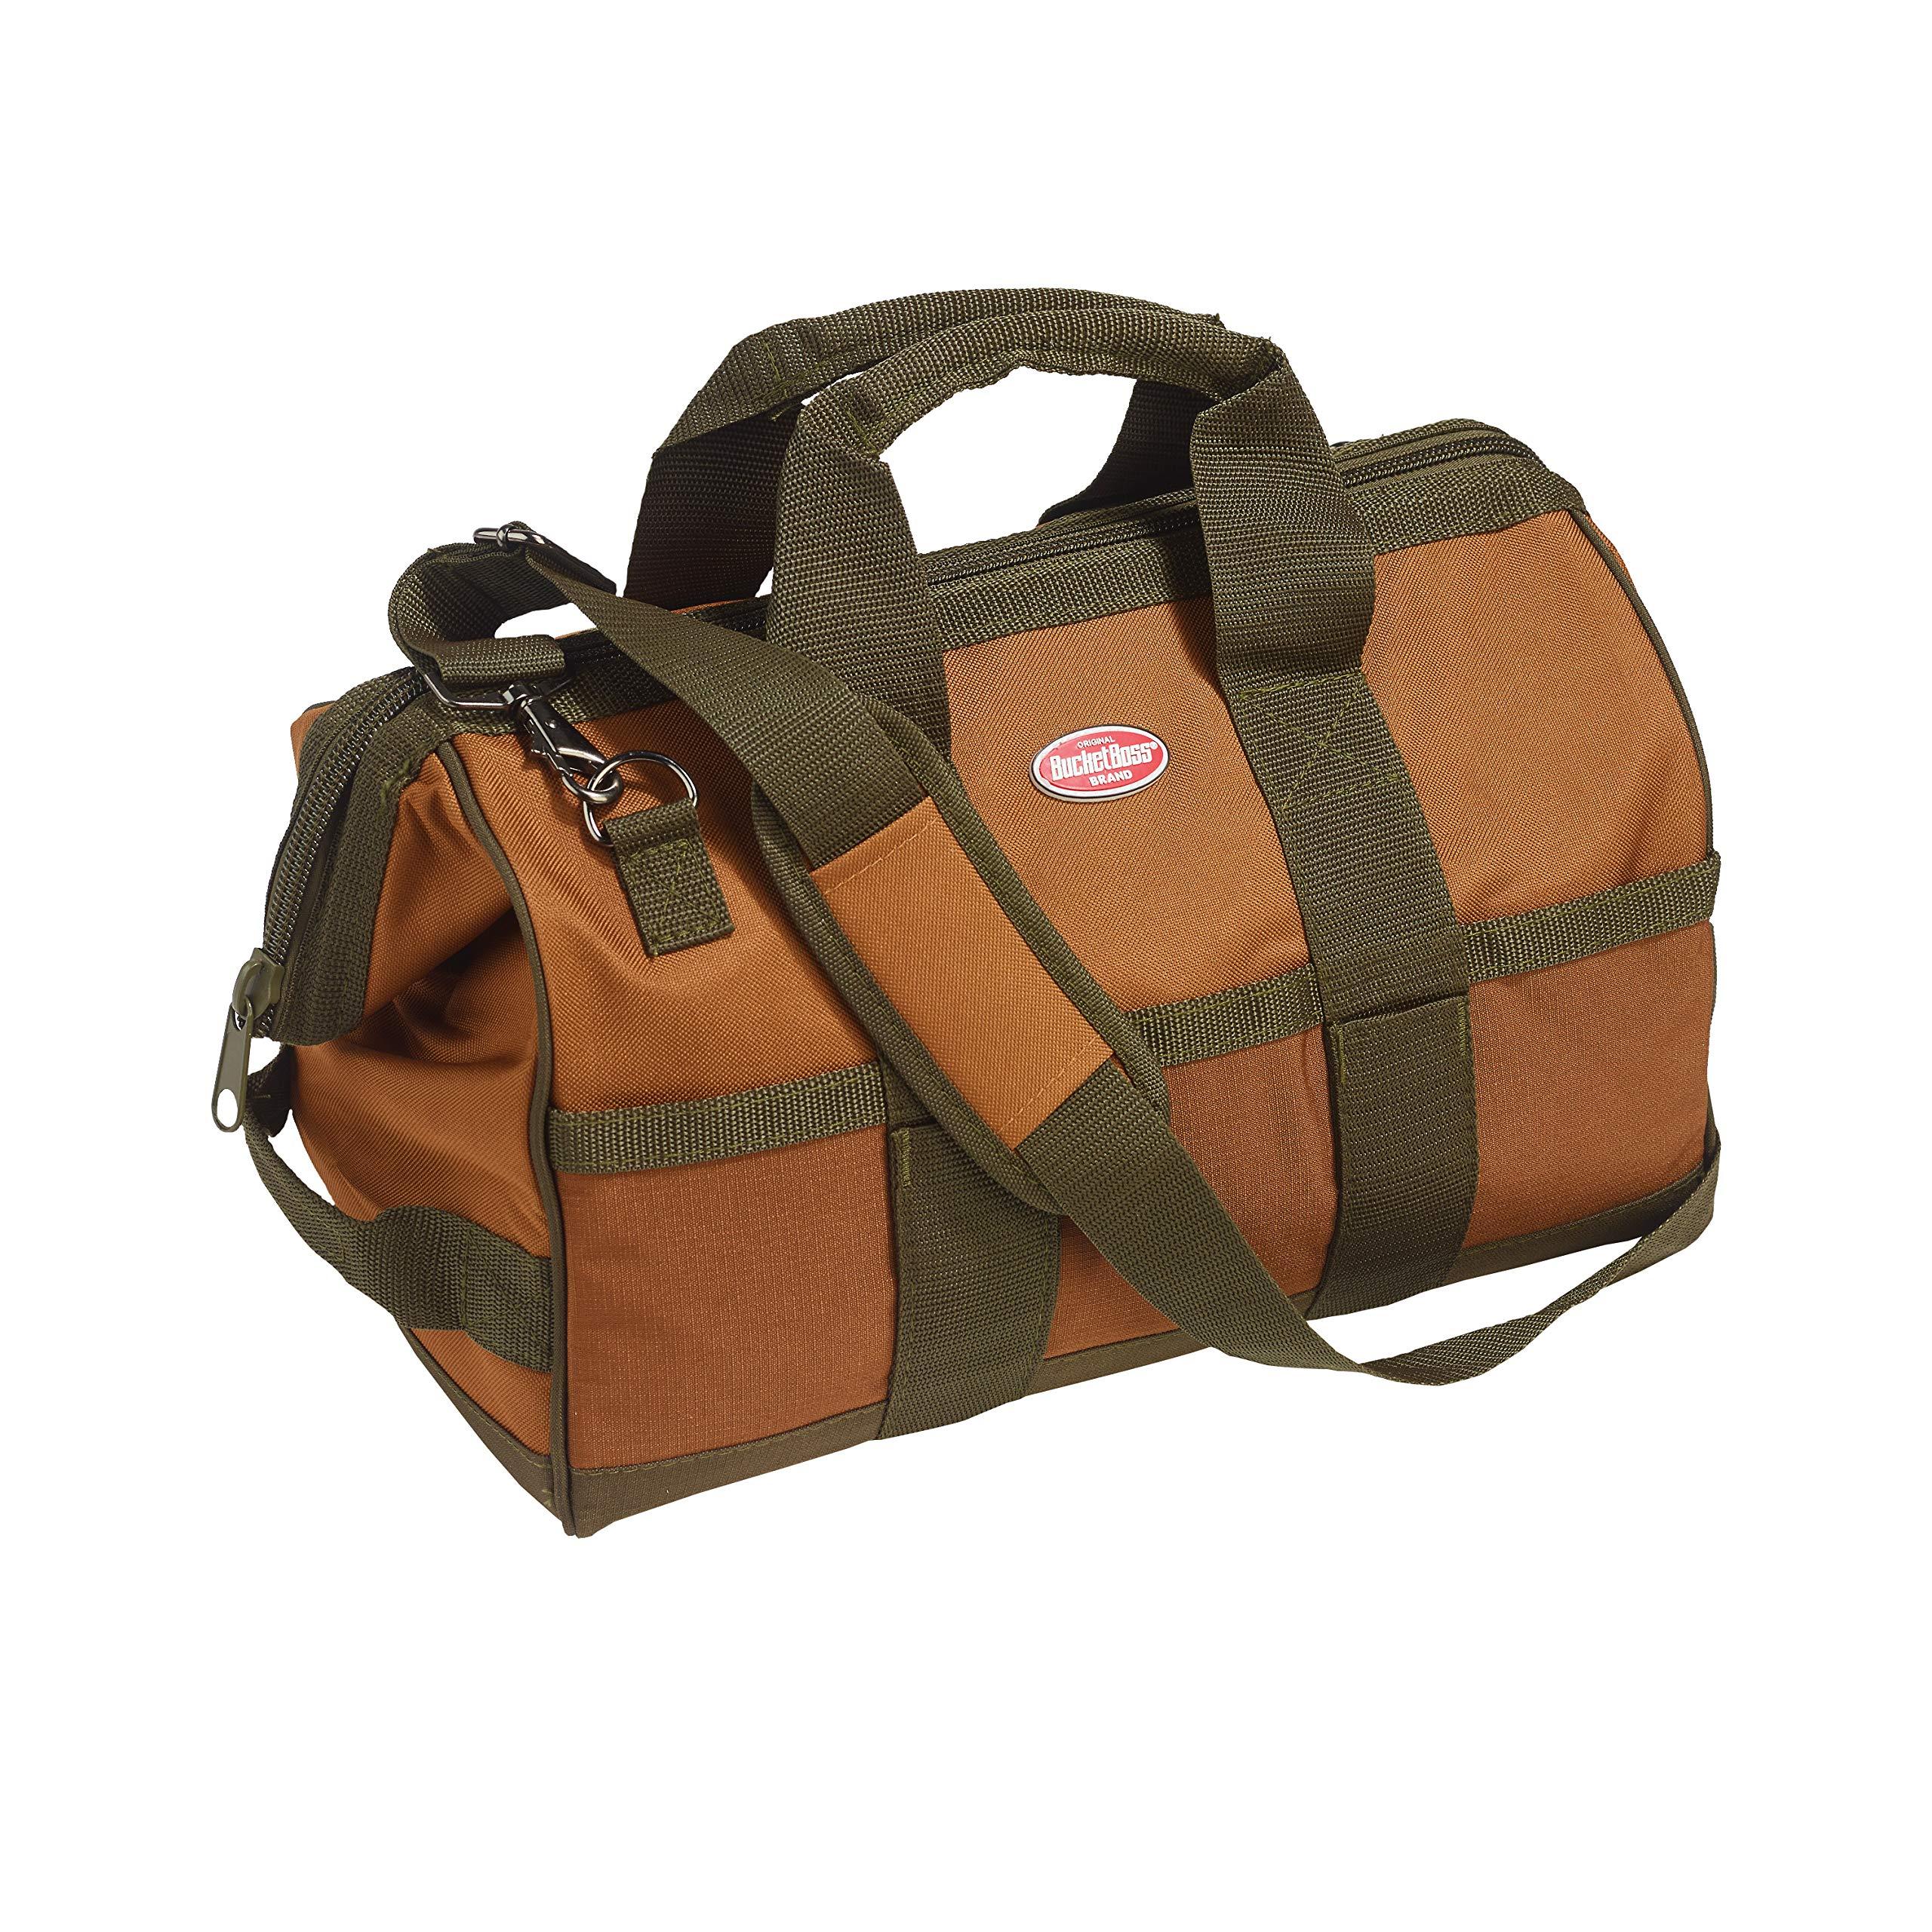 Bucket Boss Gatemouth 16 Tool Bag in Brown, 60016, 15 liters(Brown)